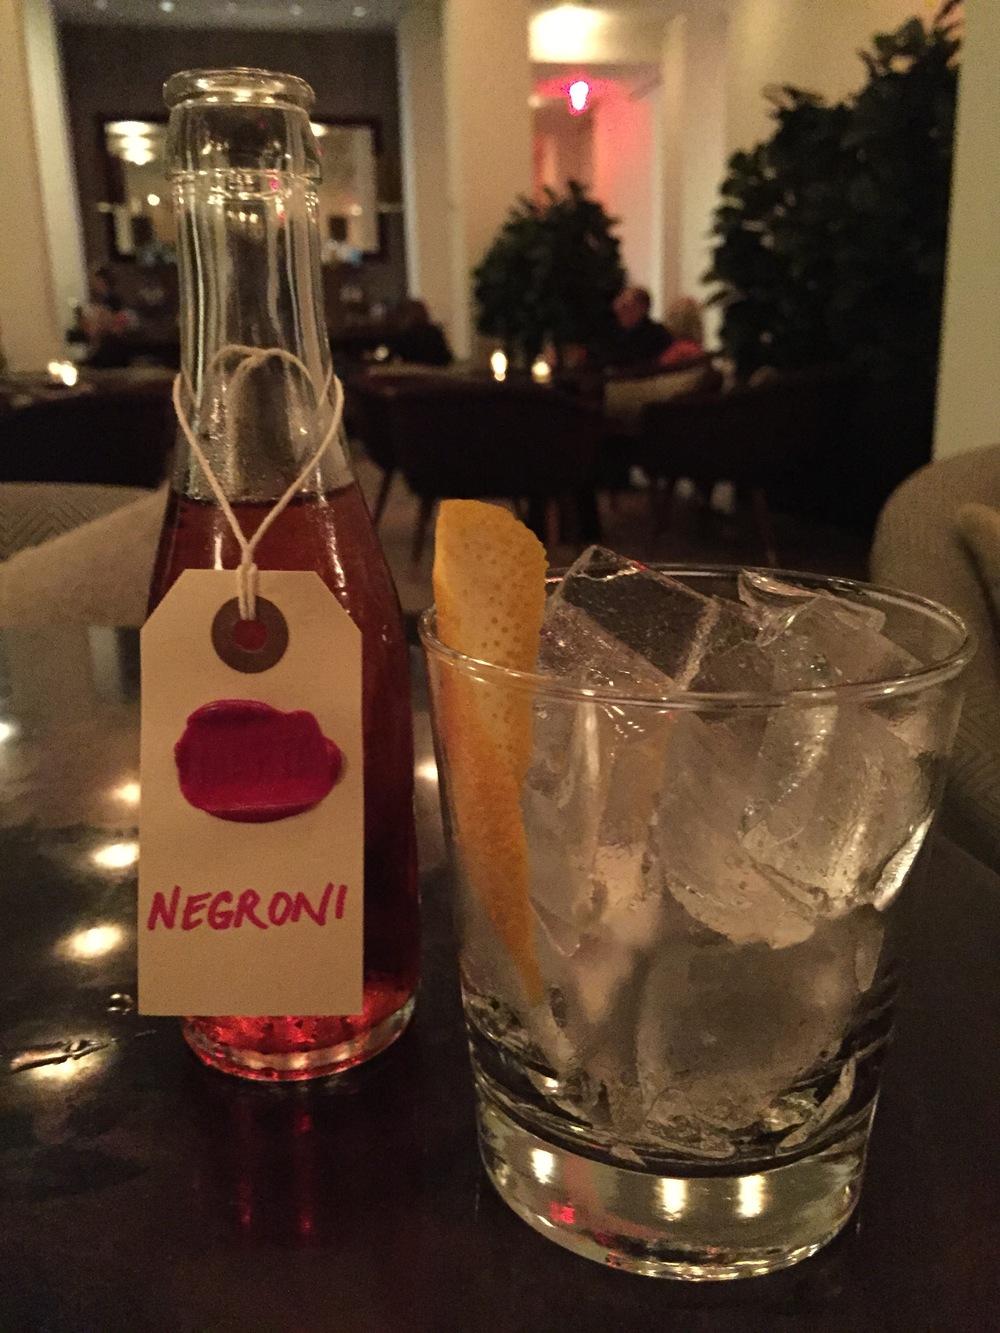 #NegroniWeek Baby!